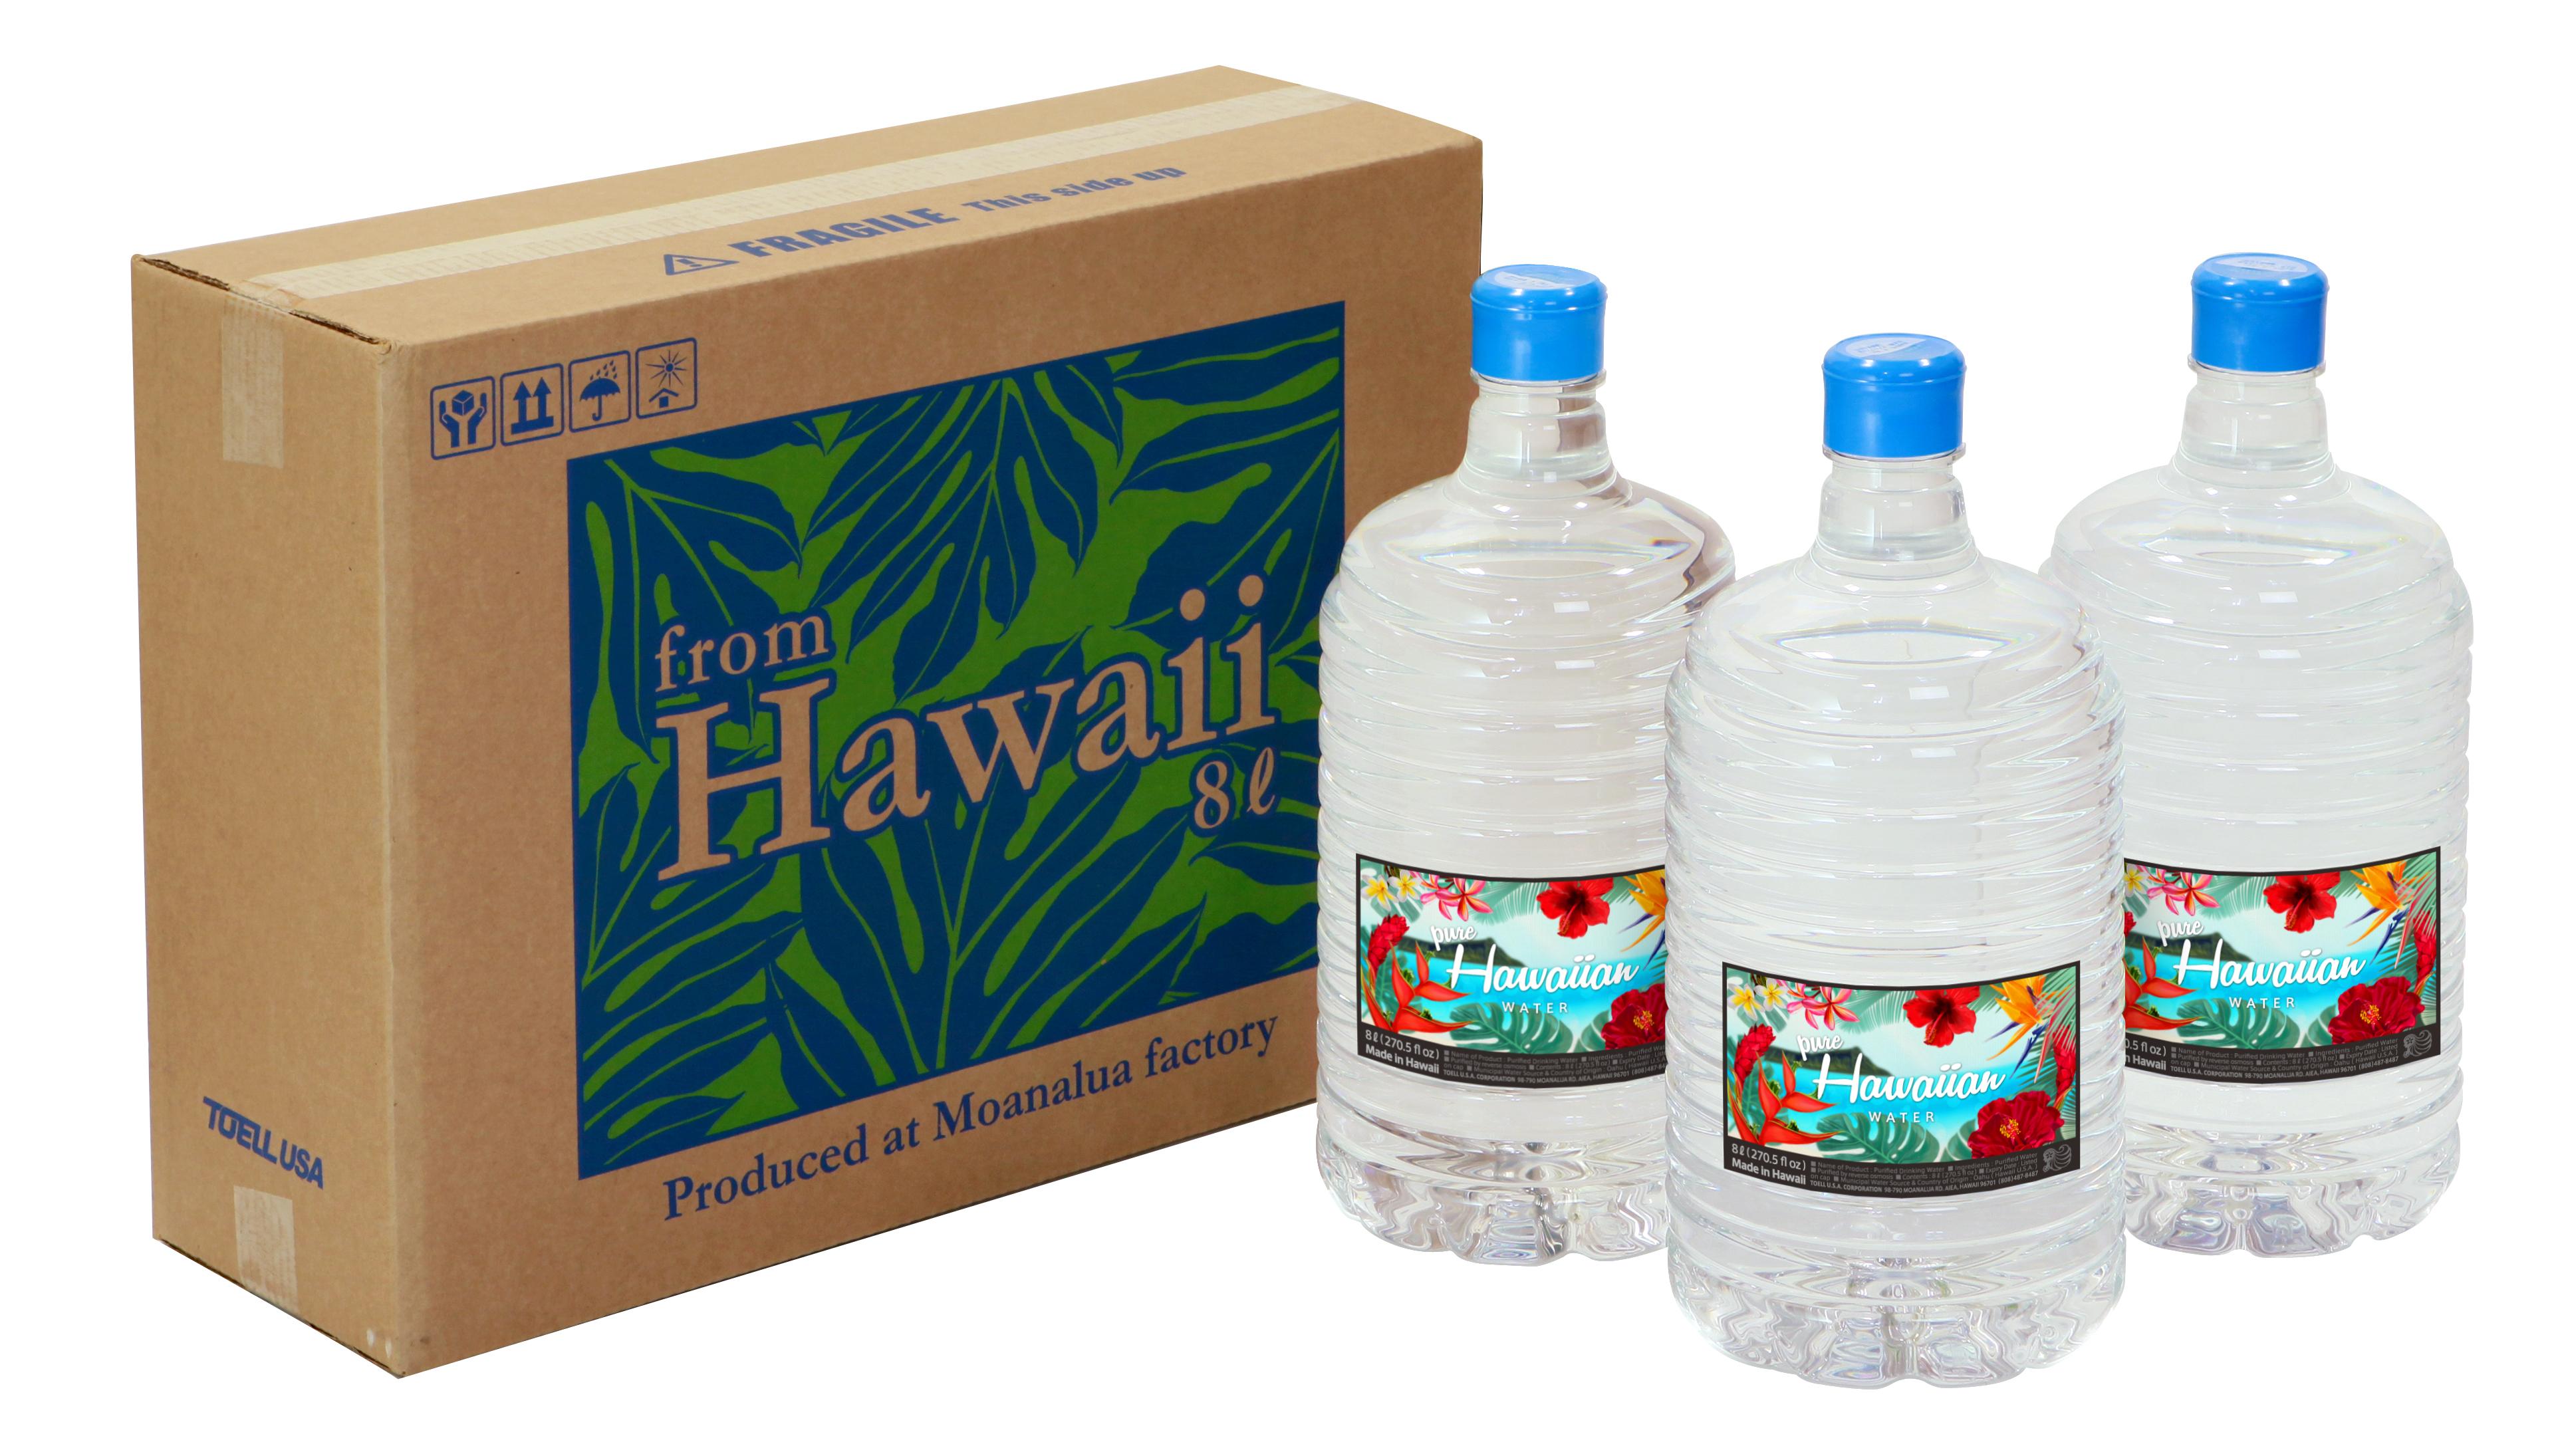 ハワイアンウォーターのボトルがへこむ訳とは?メリット・デメリットをご紹介